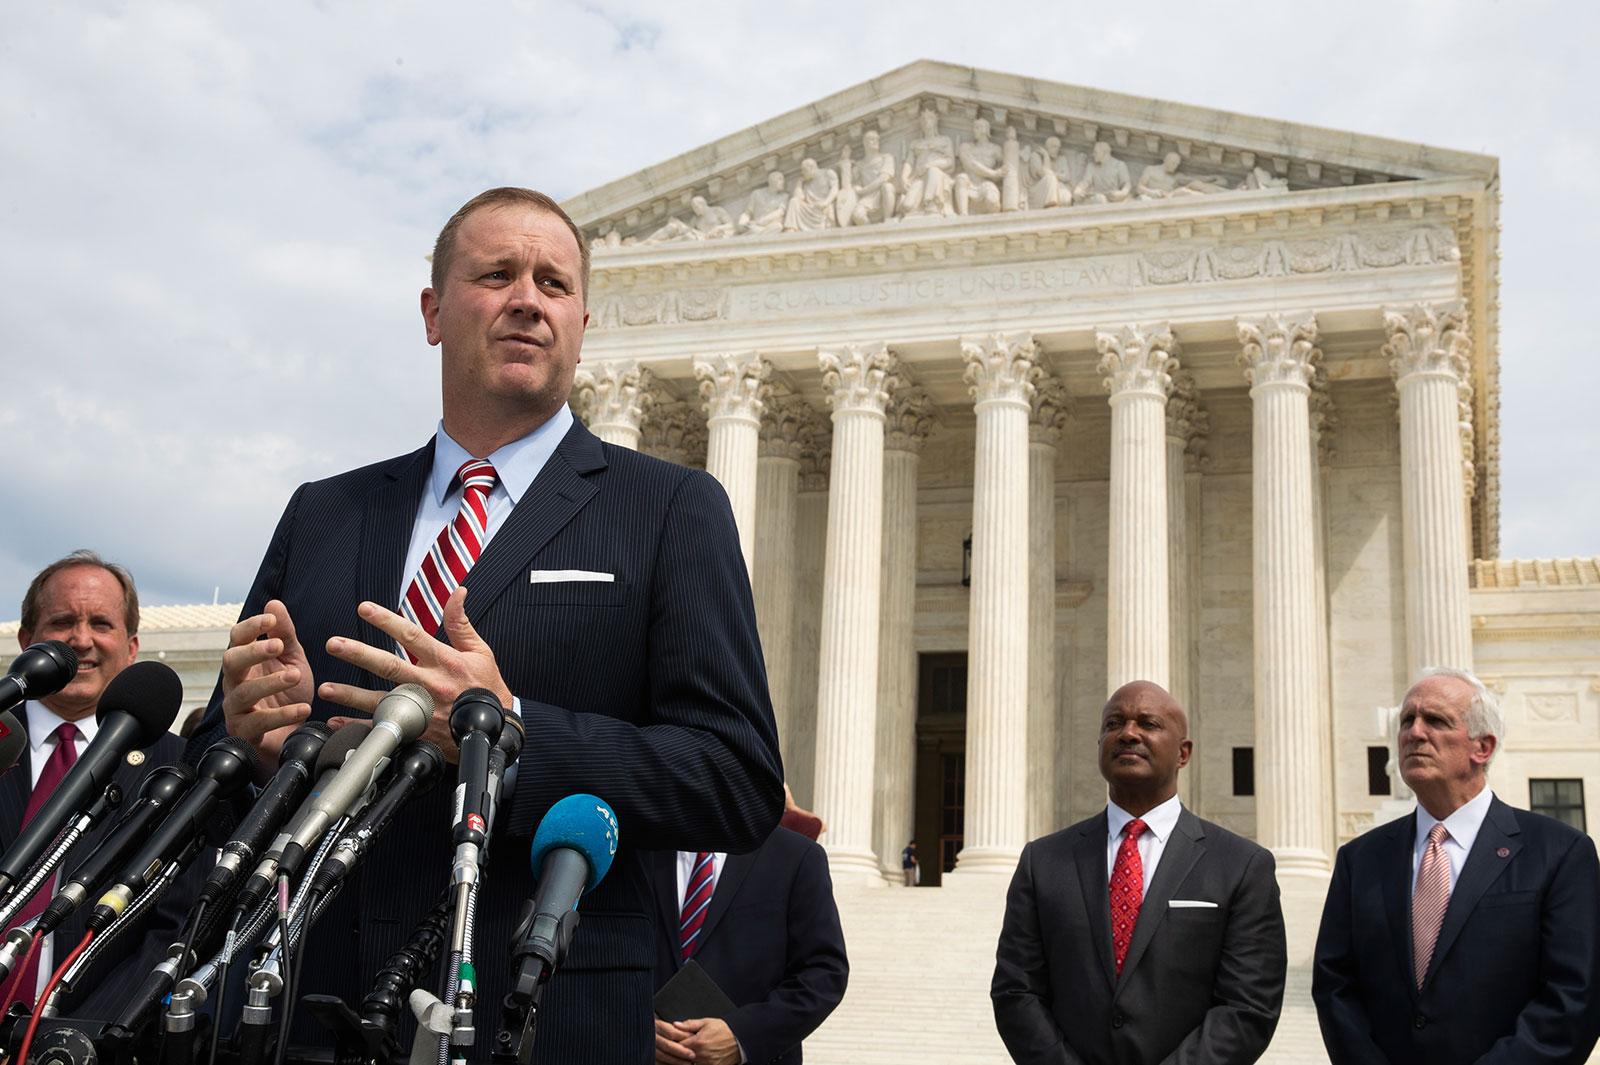 In questa foto d'archivio del 9 settembre 2019, il procuratore generale del Missouri Eric Schmitt parla davanti alla Corte suprema degli Stati Uniti a Washington.